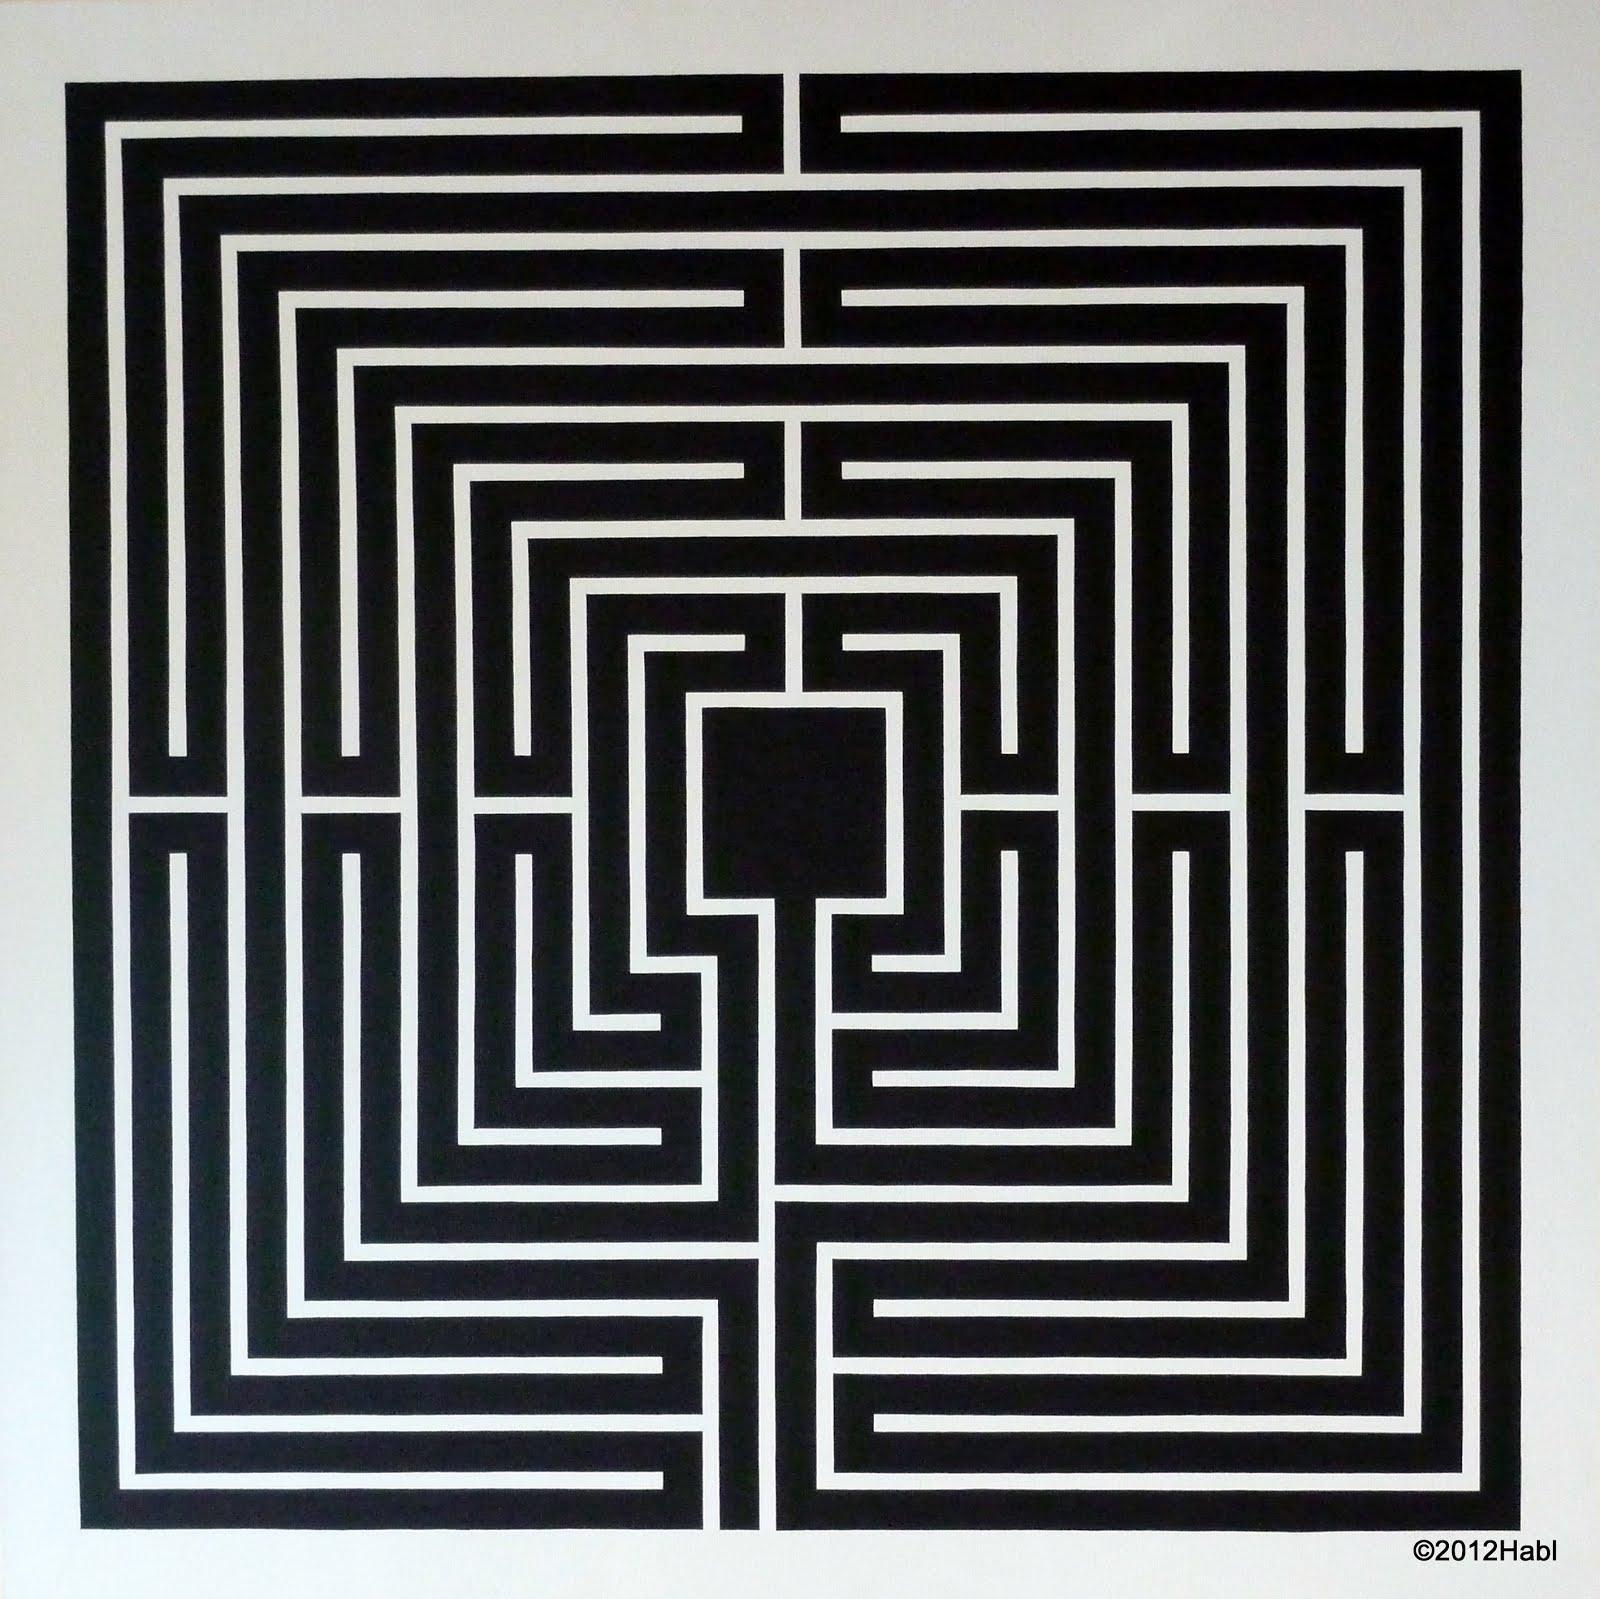 habl labyrinth ziel ist nicht den weg zu suchen sondern seinen weg zu gehen schwarz wei. Black Bedroom Furniture Sets. Home Design Ideas